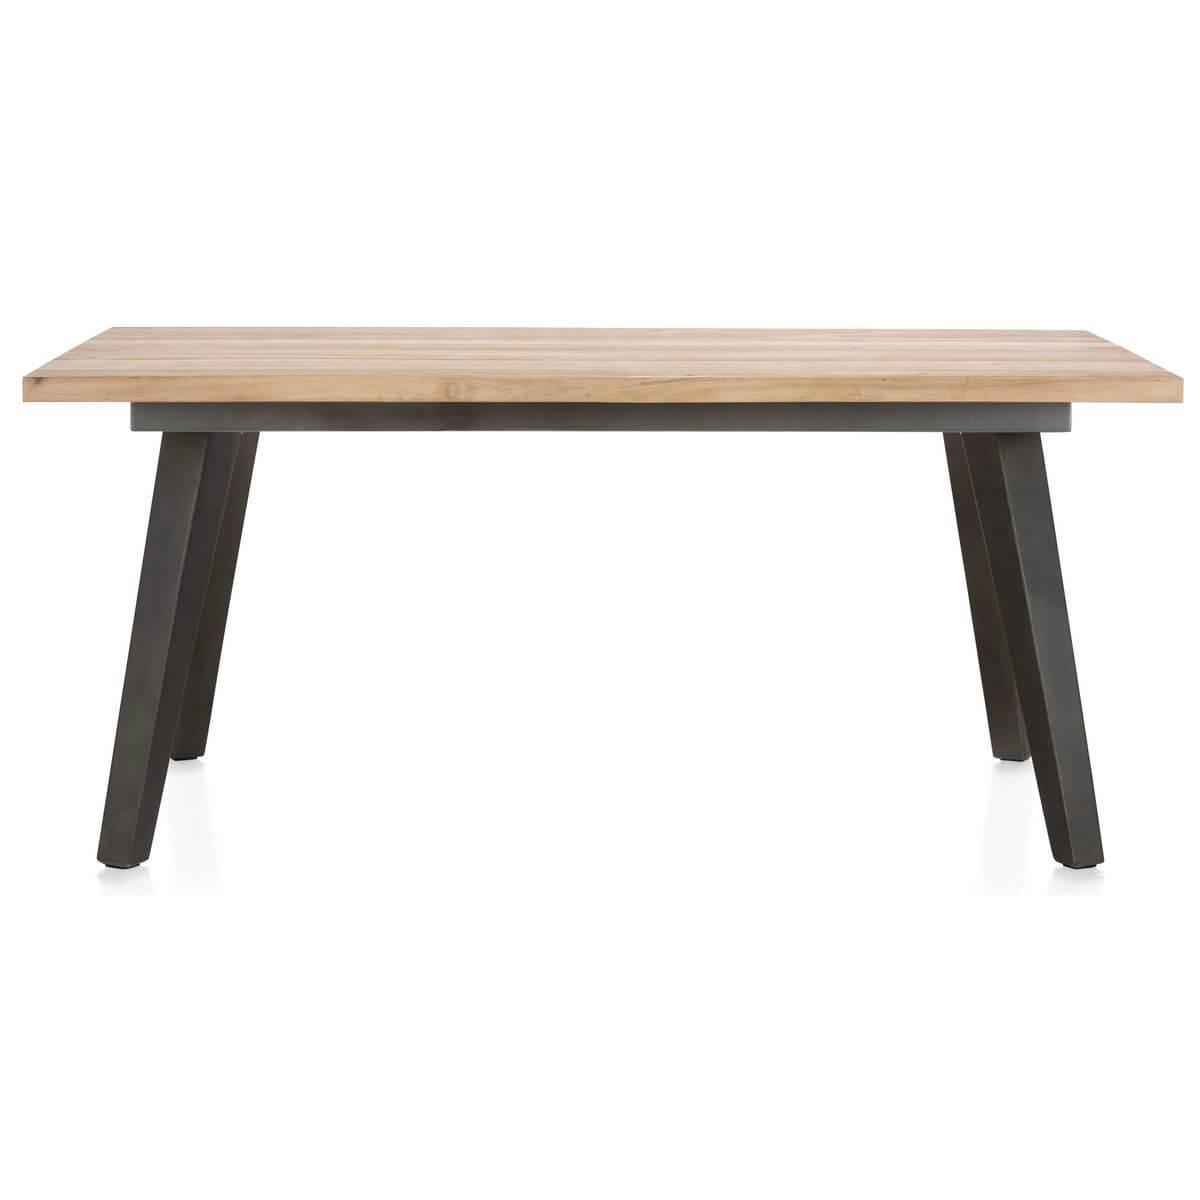 Table 100x220cm KINNA Xooon